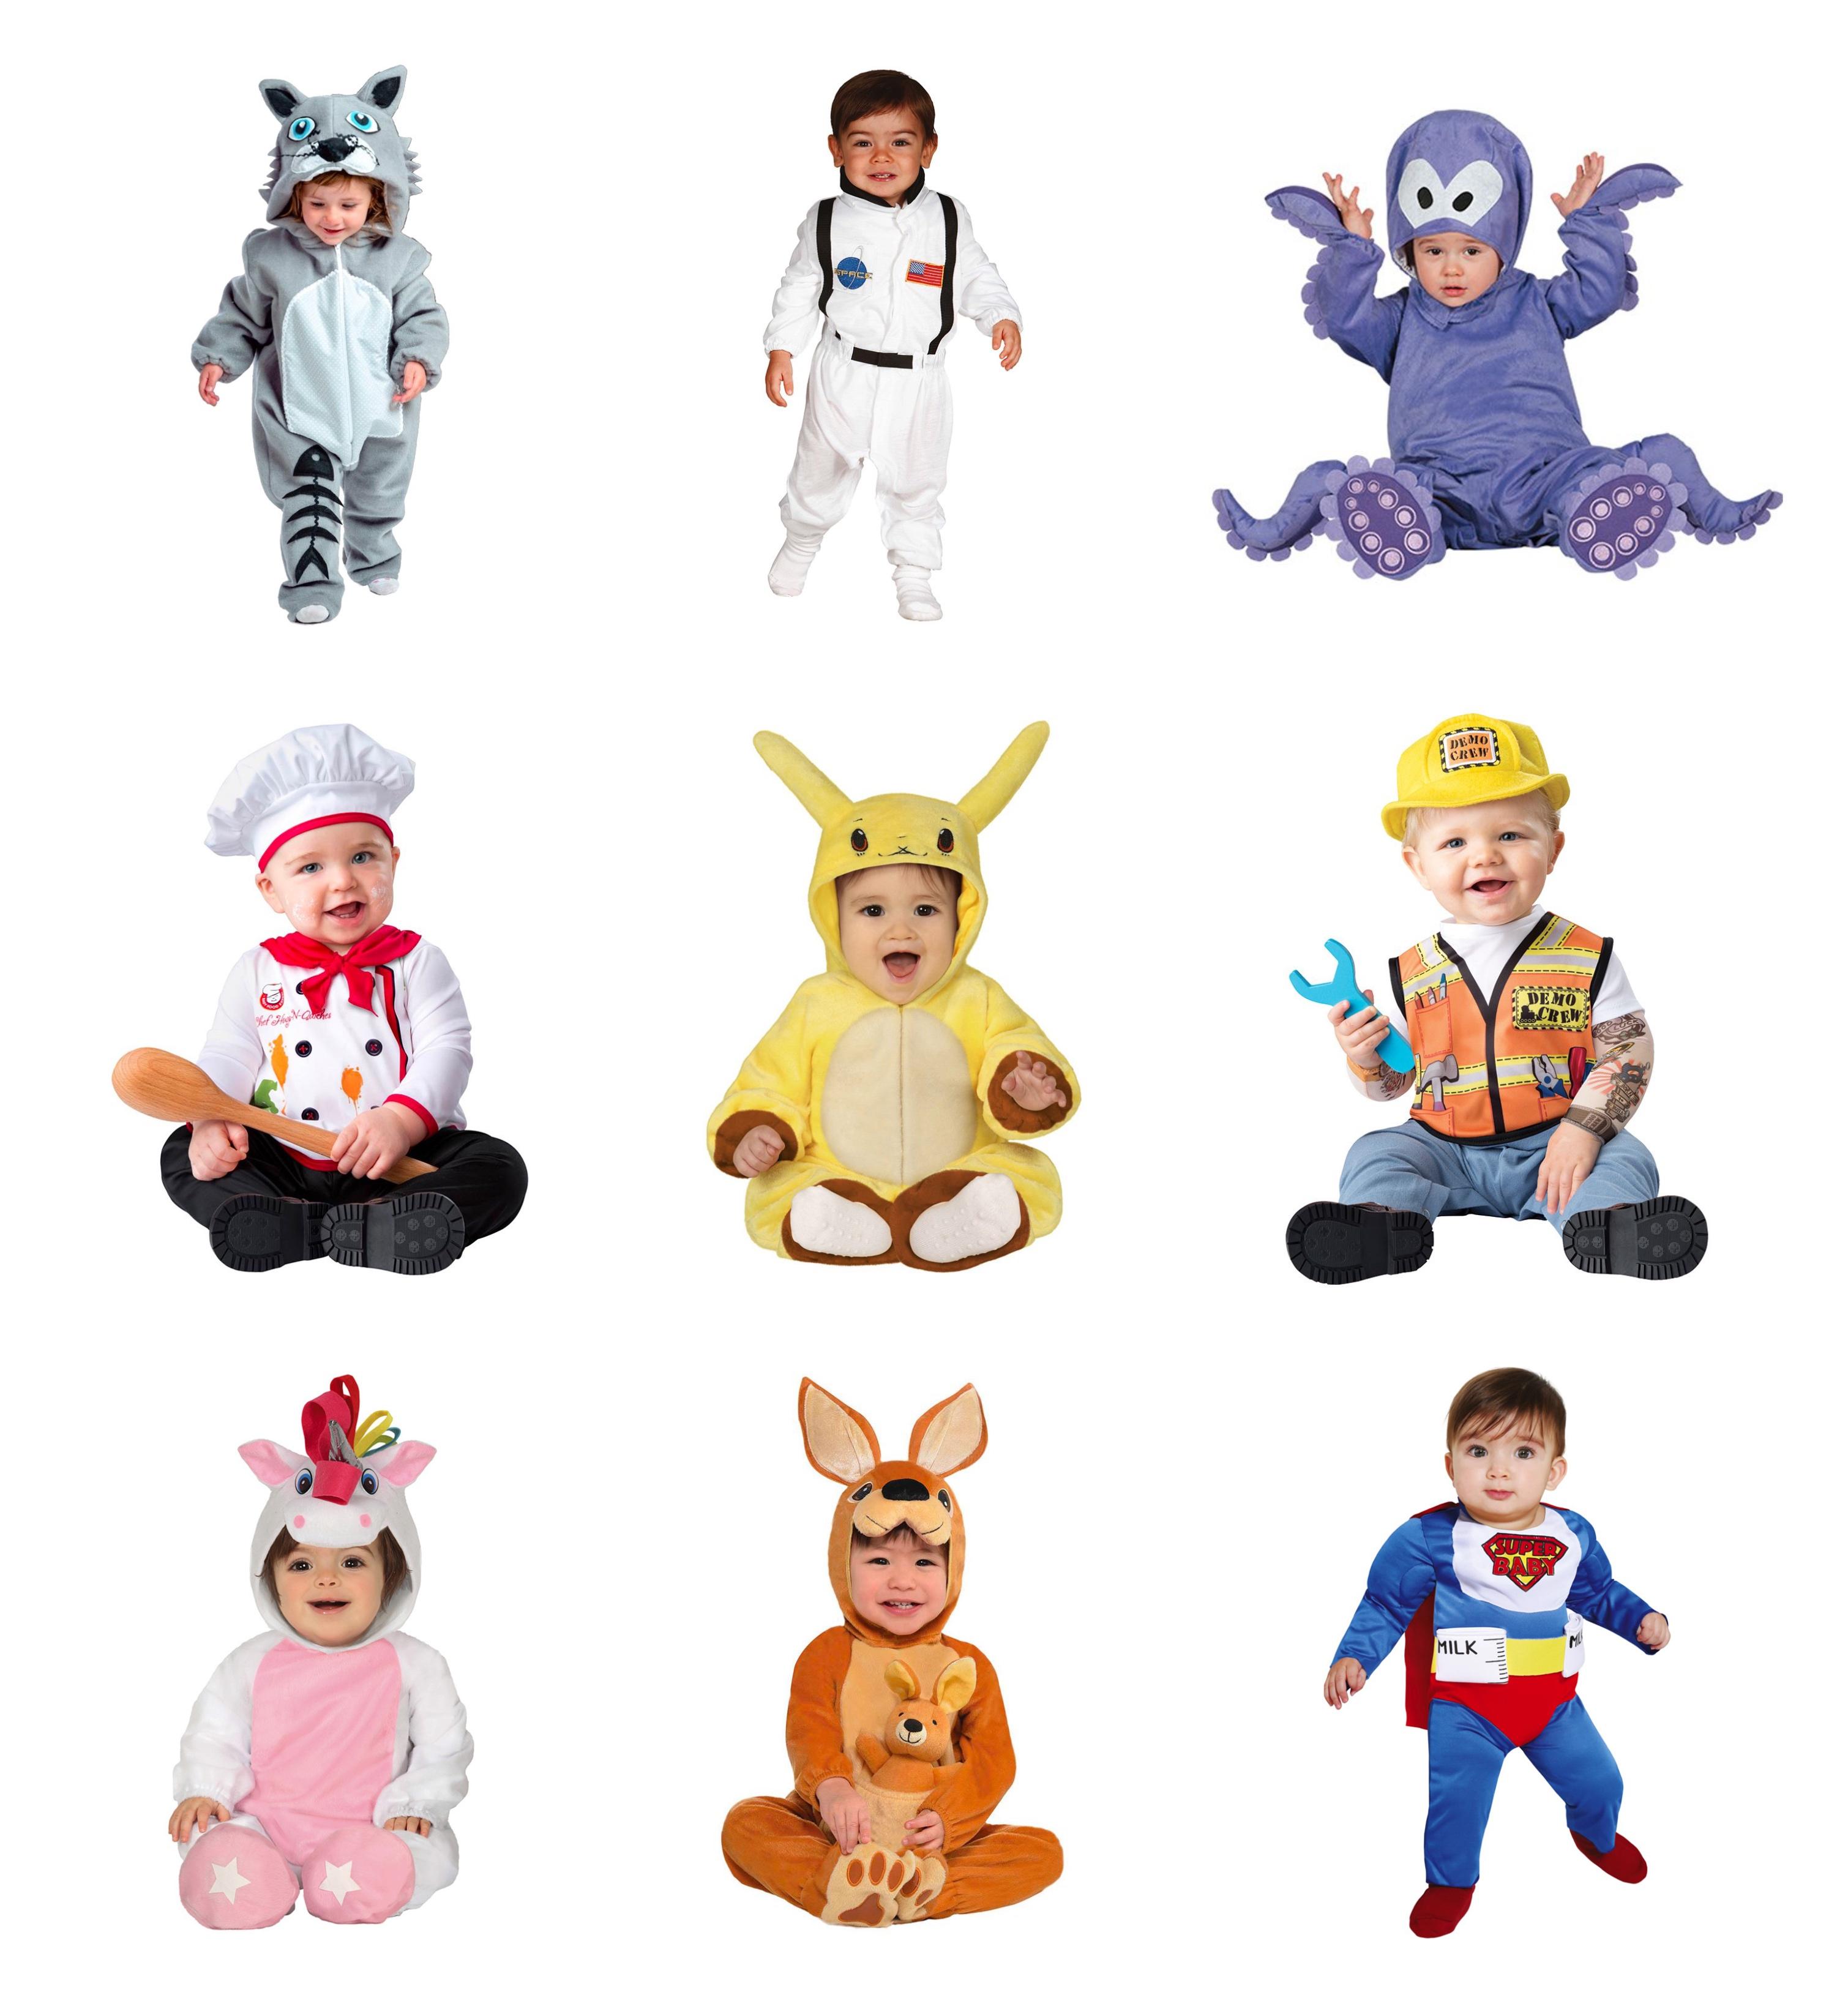 populære fastelavnskostumer til baby 2021 - Populære fastelavnskostumer til baby 2021